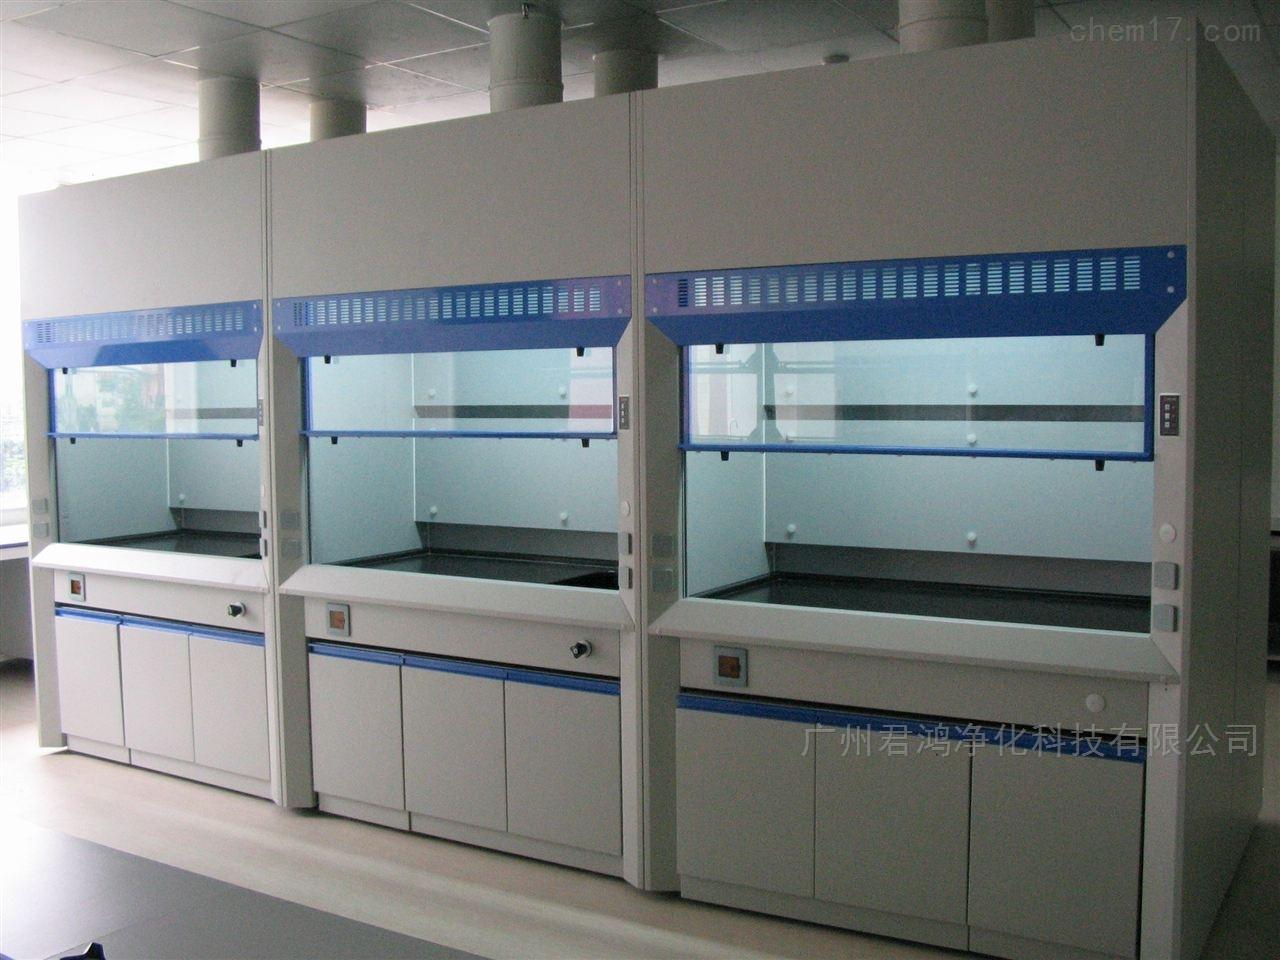 昌吉市君鸿全钢通风柜实验室整体规划设计